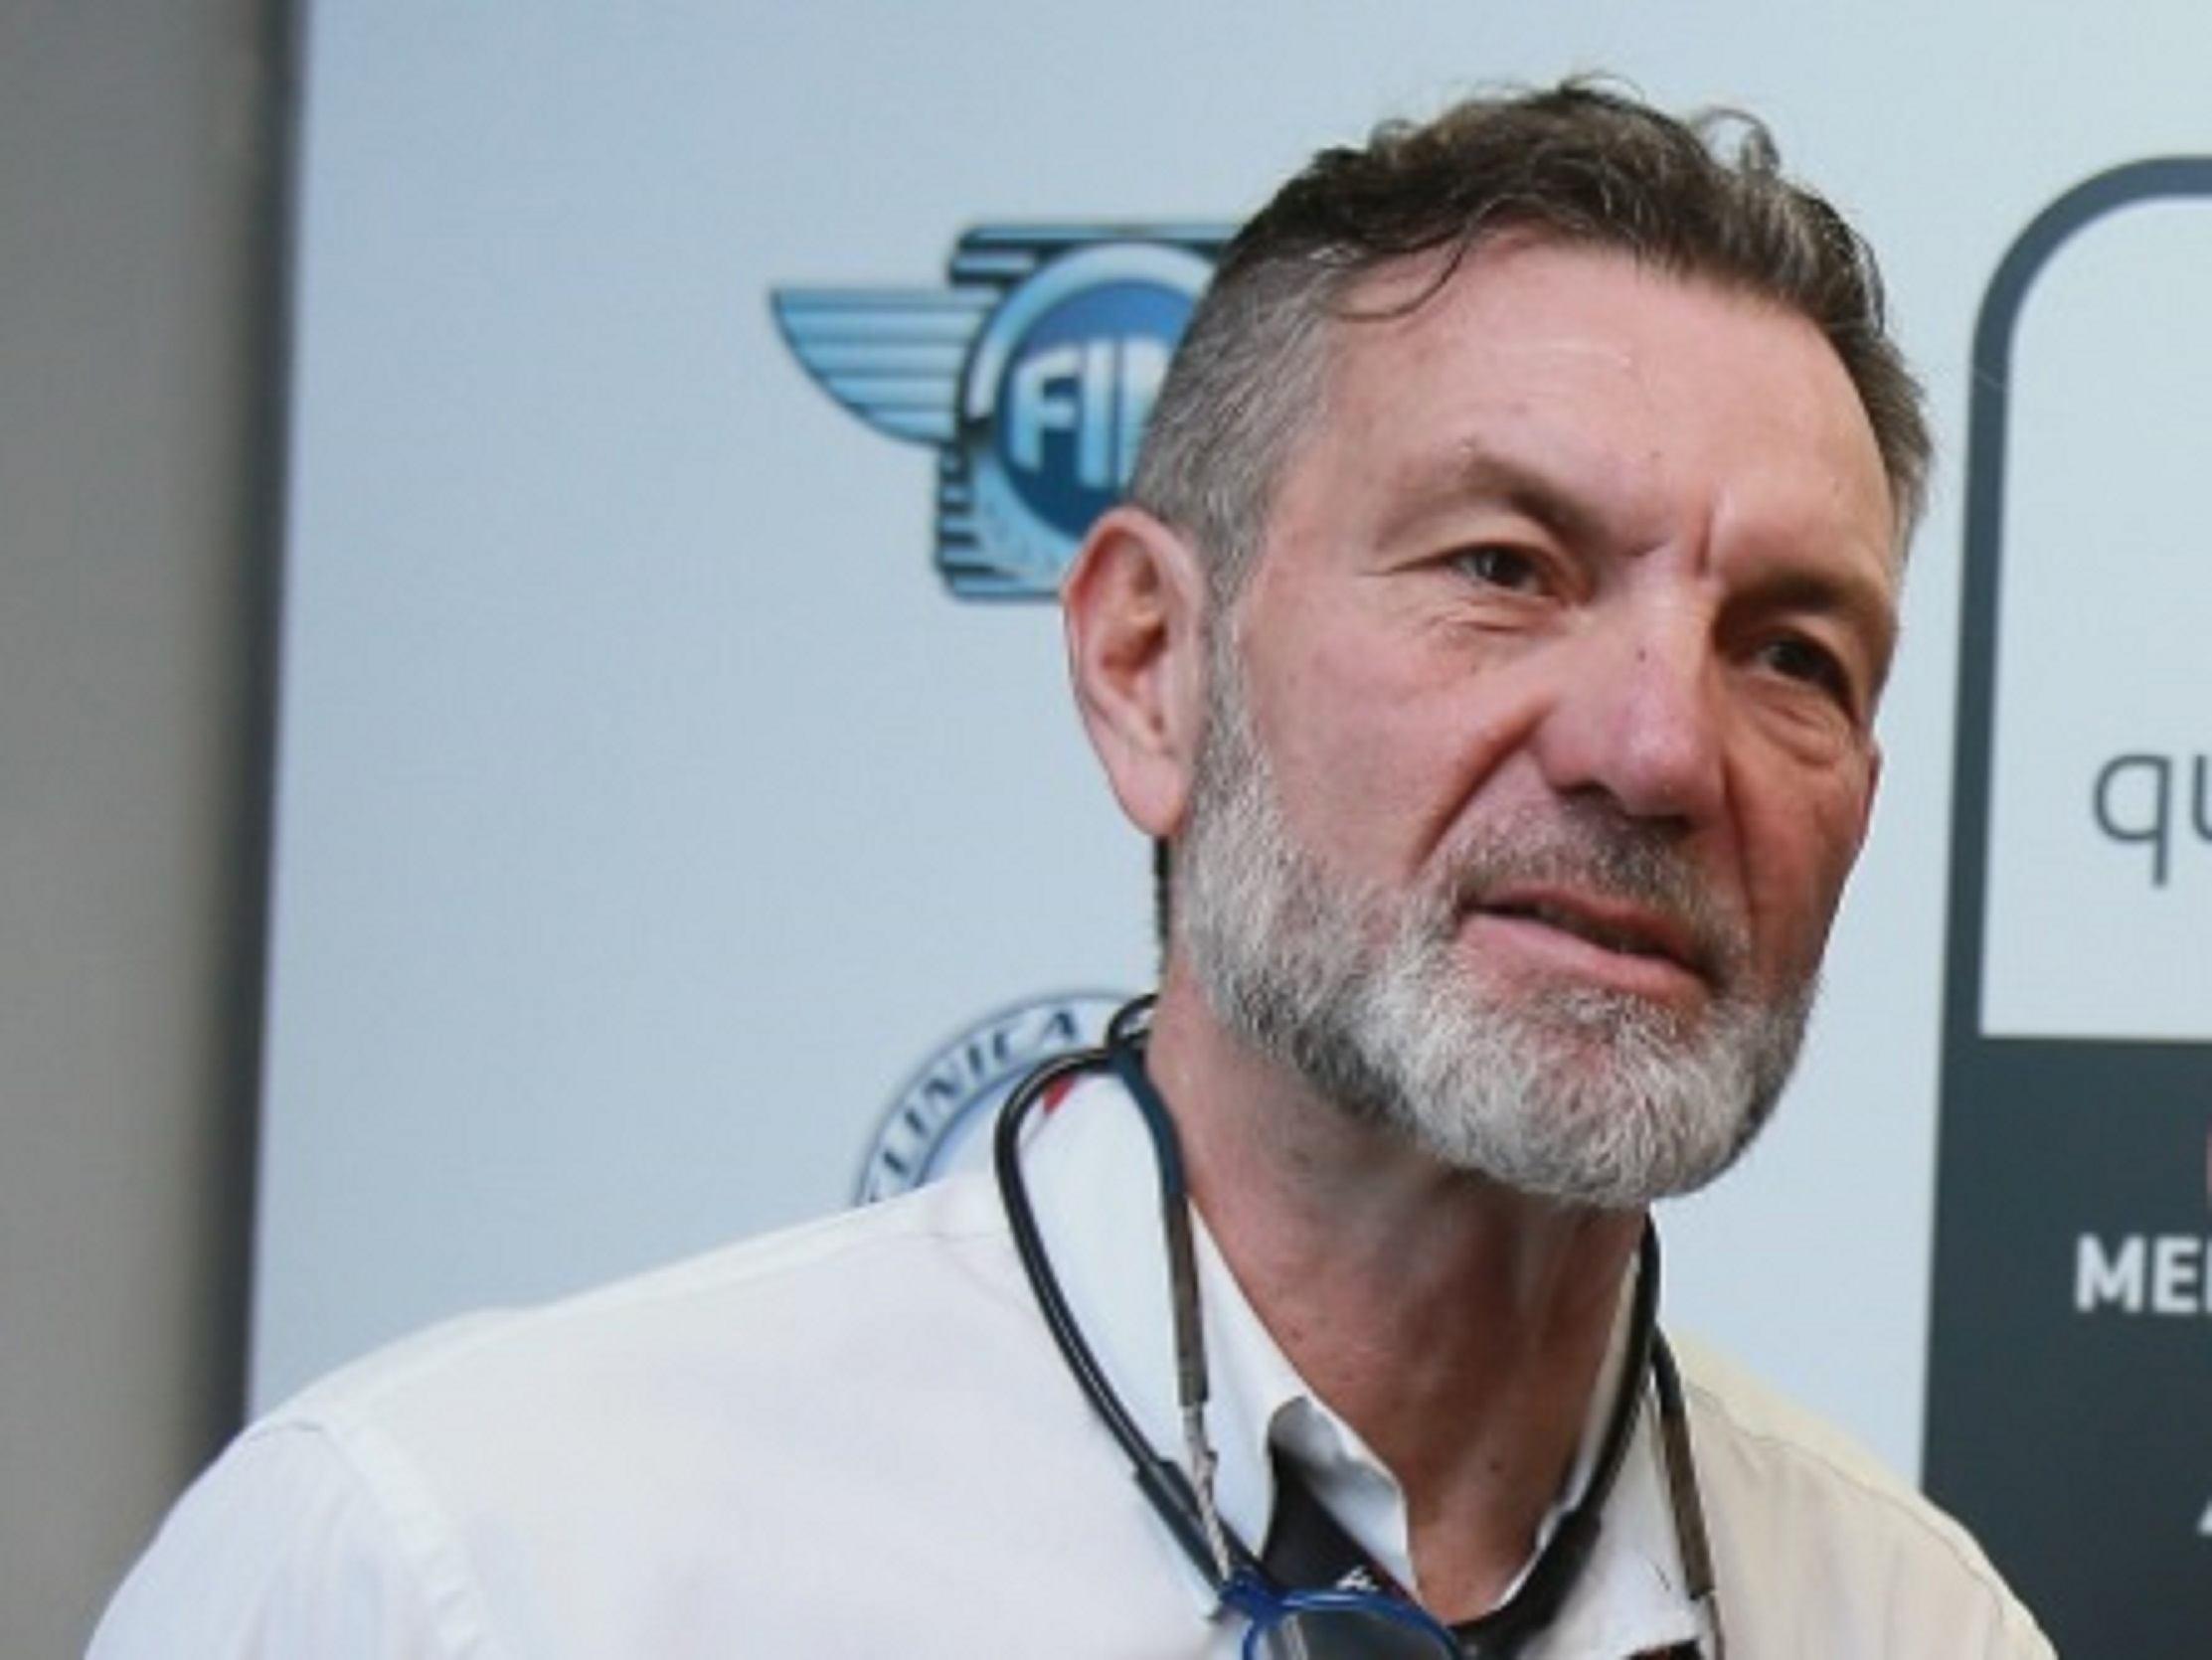 Ángel Charte, doctor jefe en el Mundial de motocilismo y en Quirónsalud